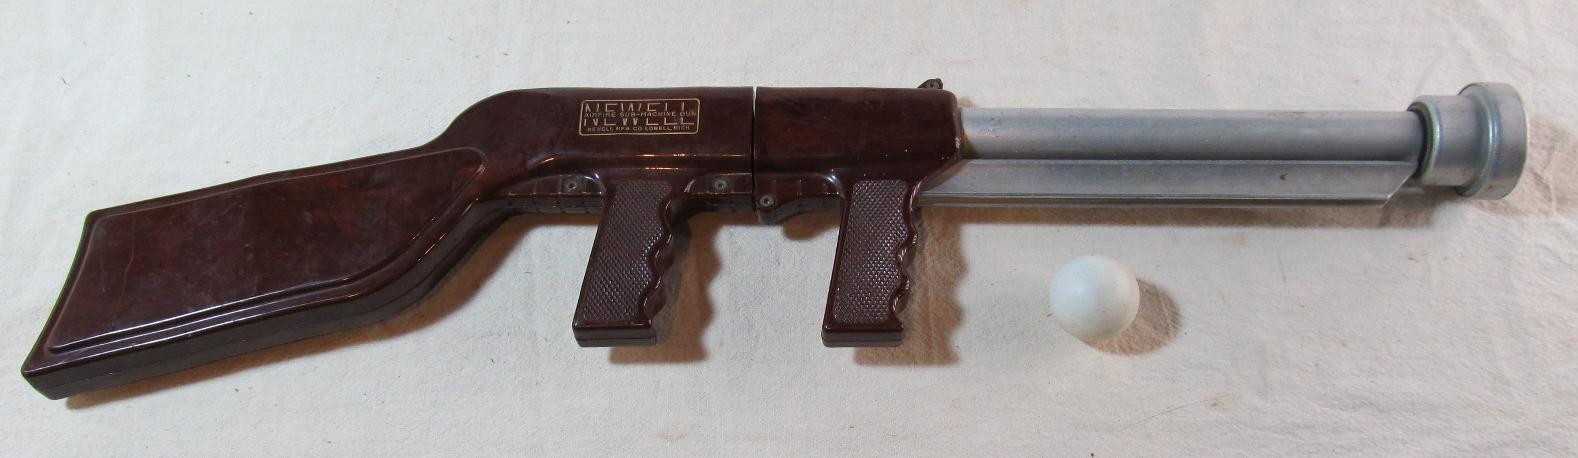 newell airfire sub-machine gun 1